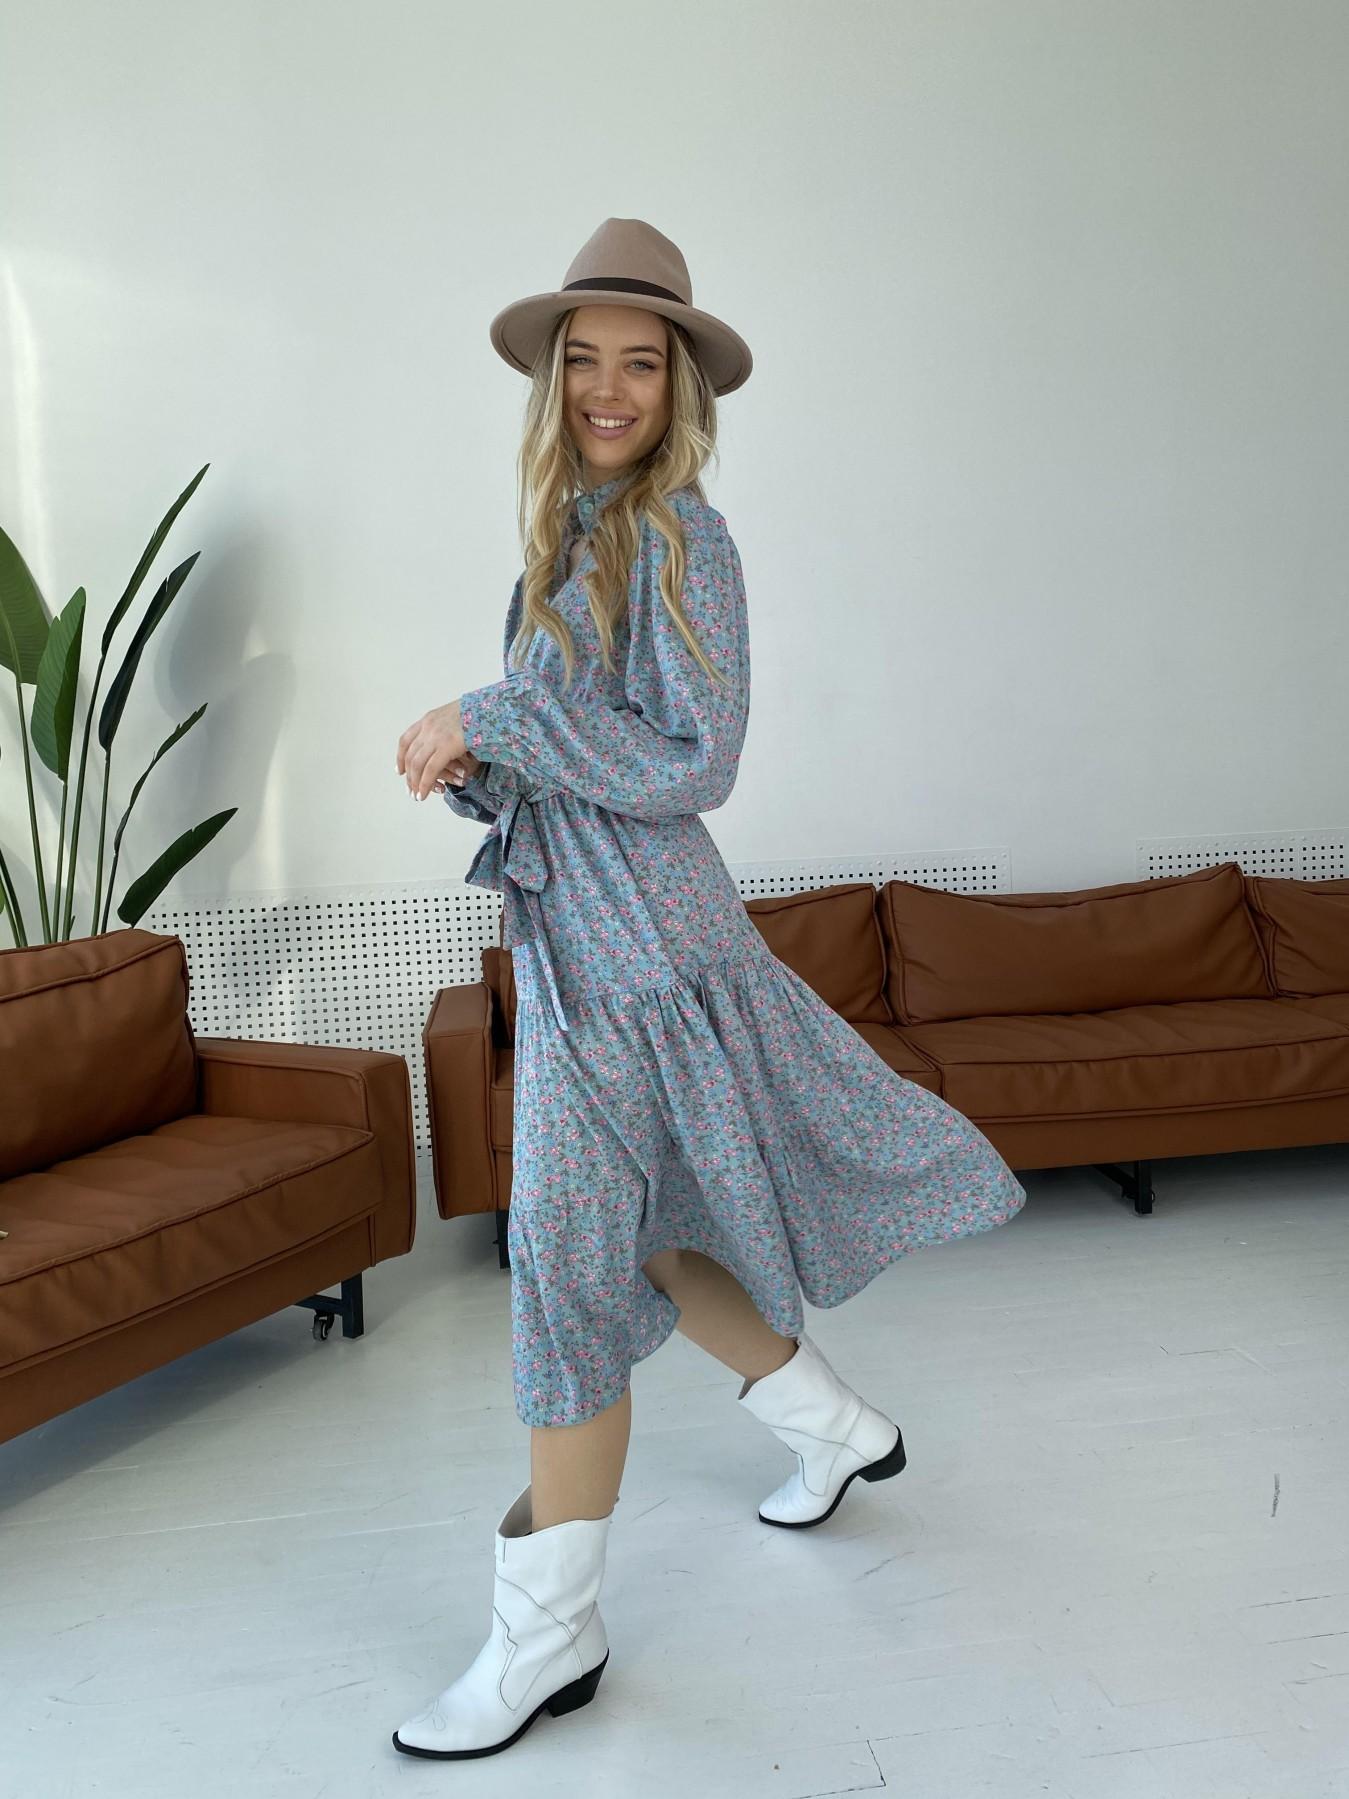 Лилия штапель принт платье 10879 АРТ. 47349 Цвет: Цветы мел олива/роз/гол - фото 4, интернет магазин tm-modus.ru